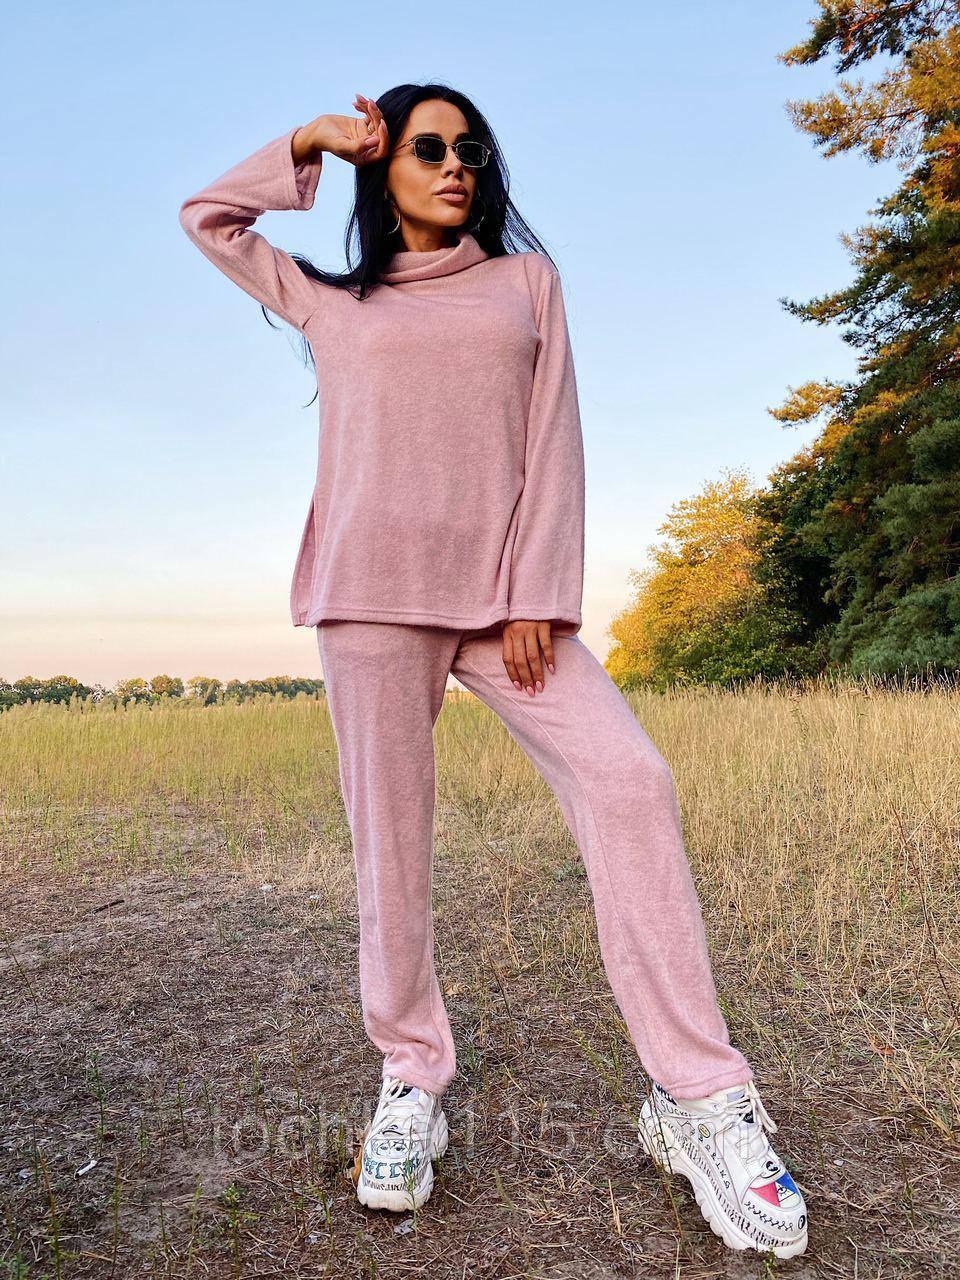 Стильный прогулочный костюмчик для осени из мягкой тёплой трикотажной ткани, 42-44, 46-48рр (розовый)